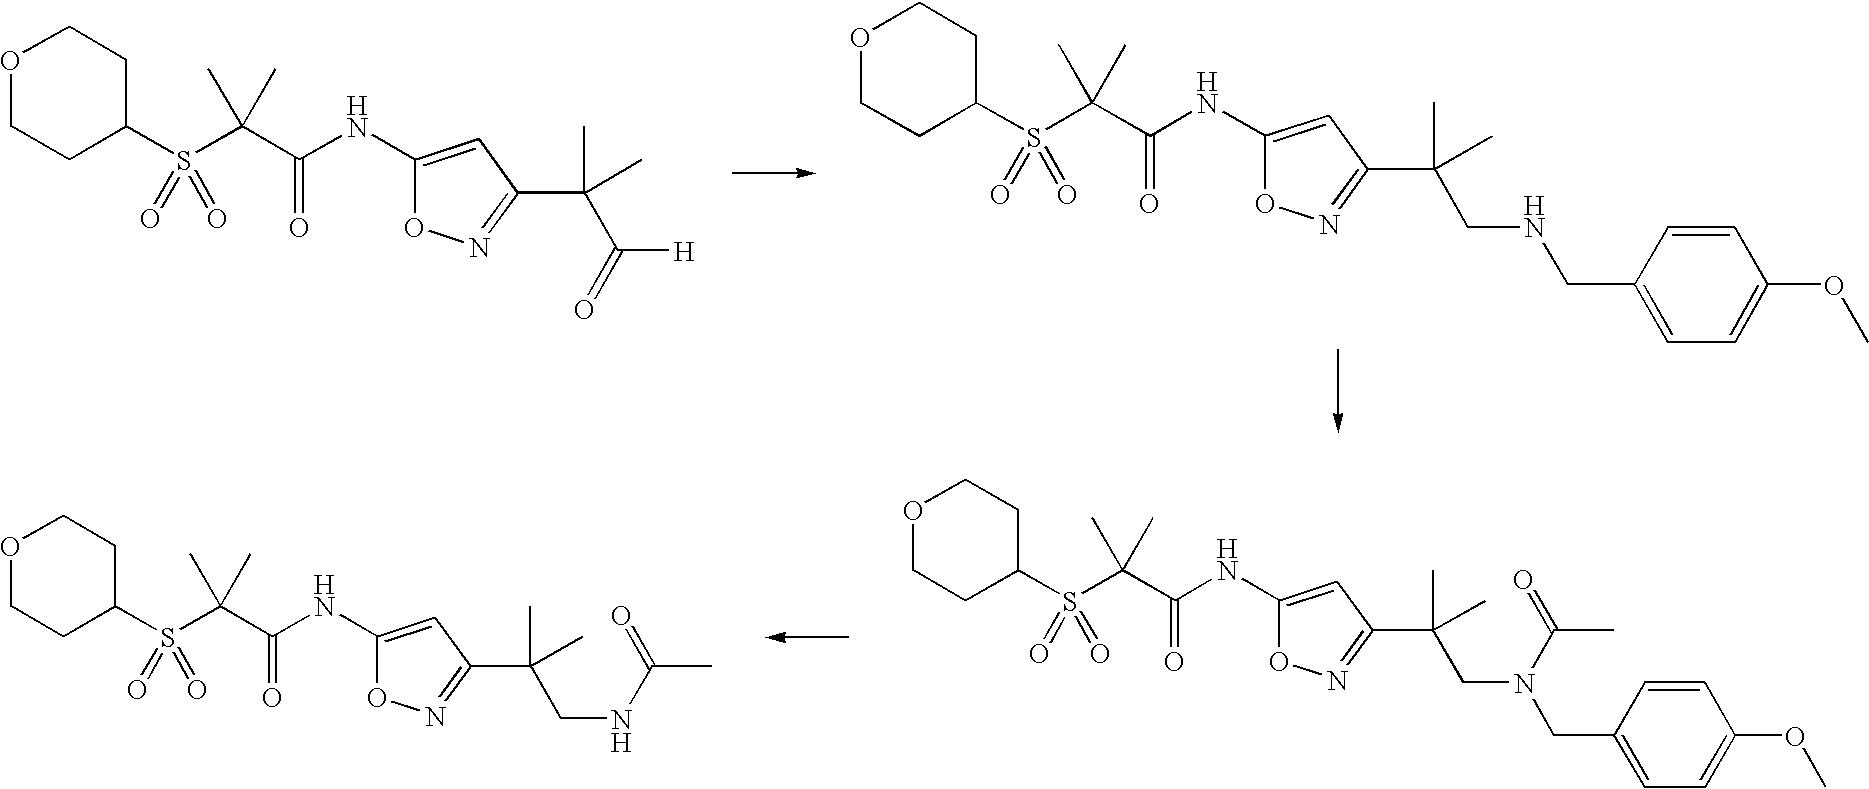 Figure US08372874-20130212-C00319